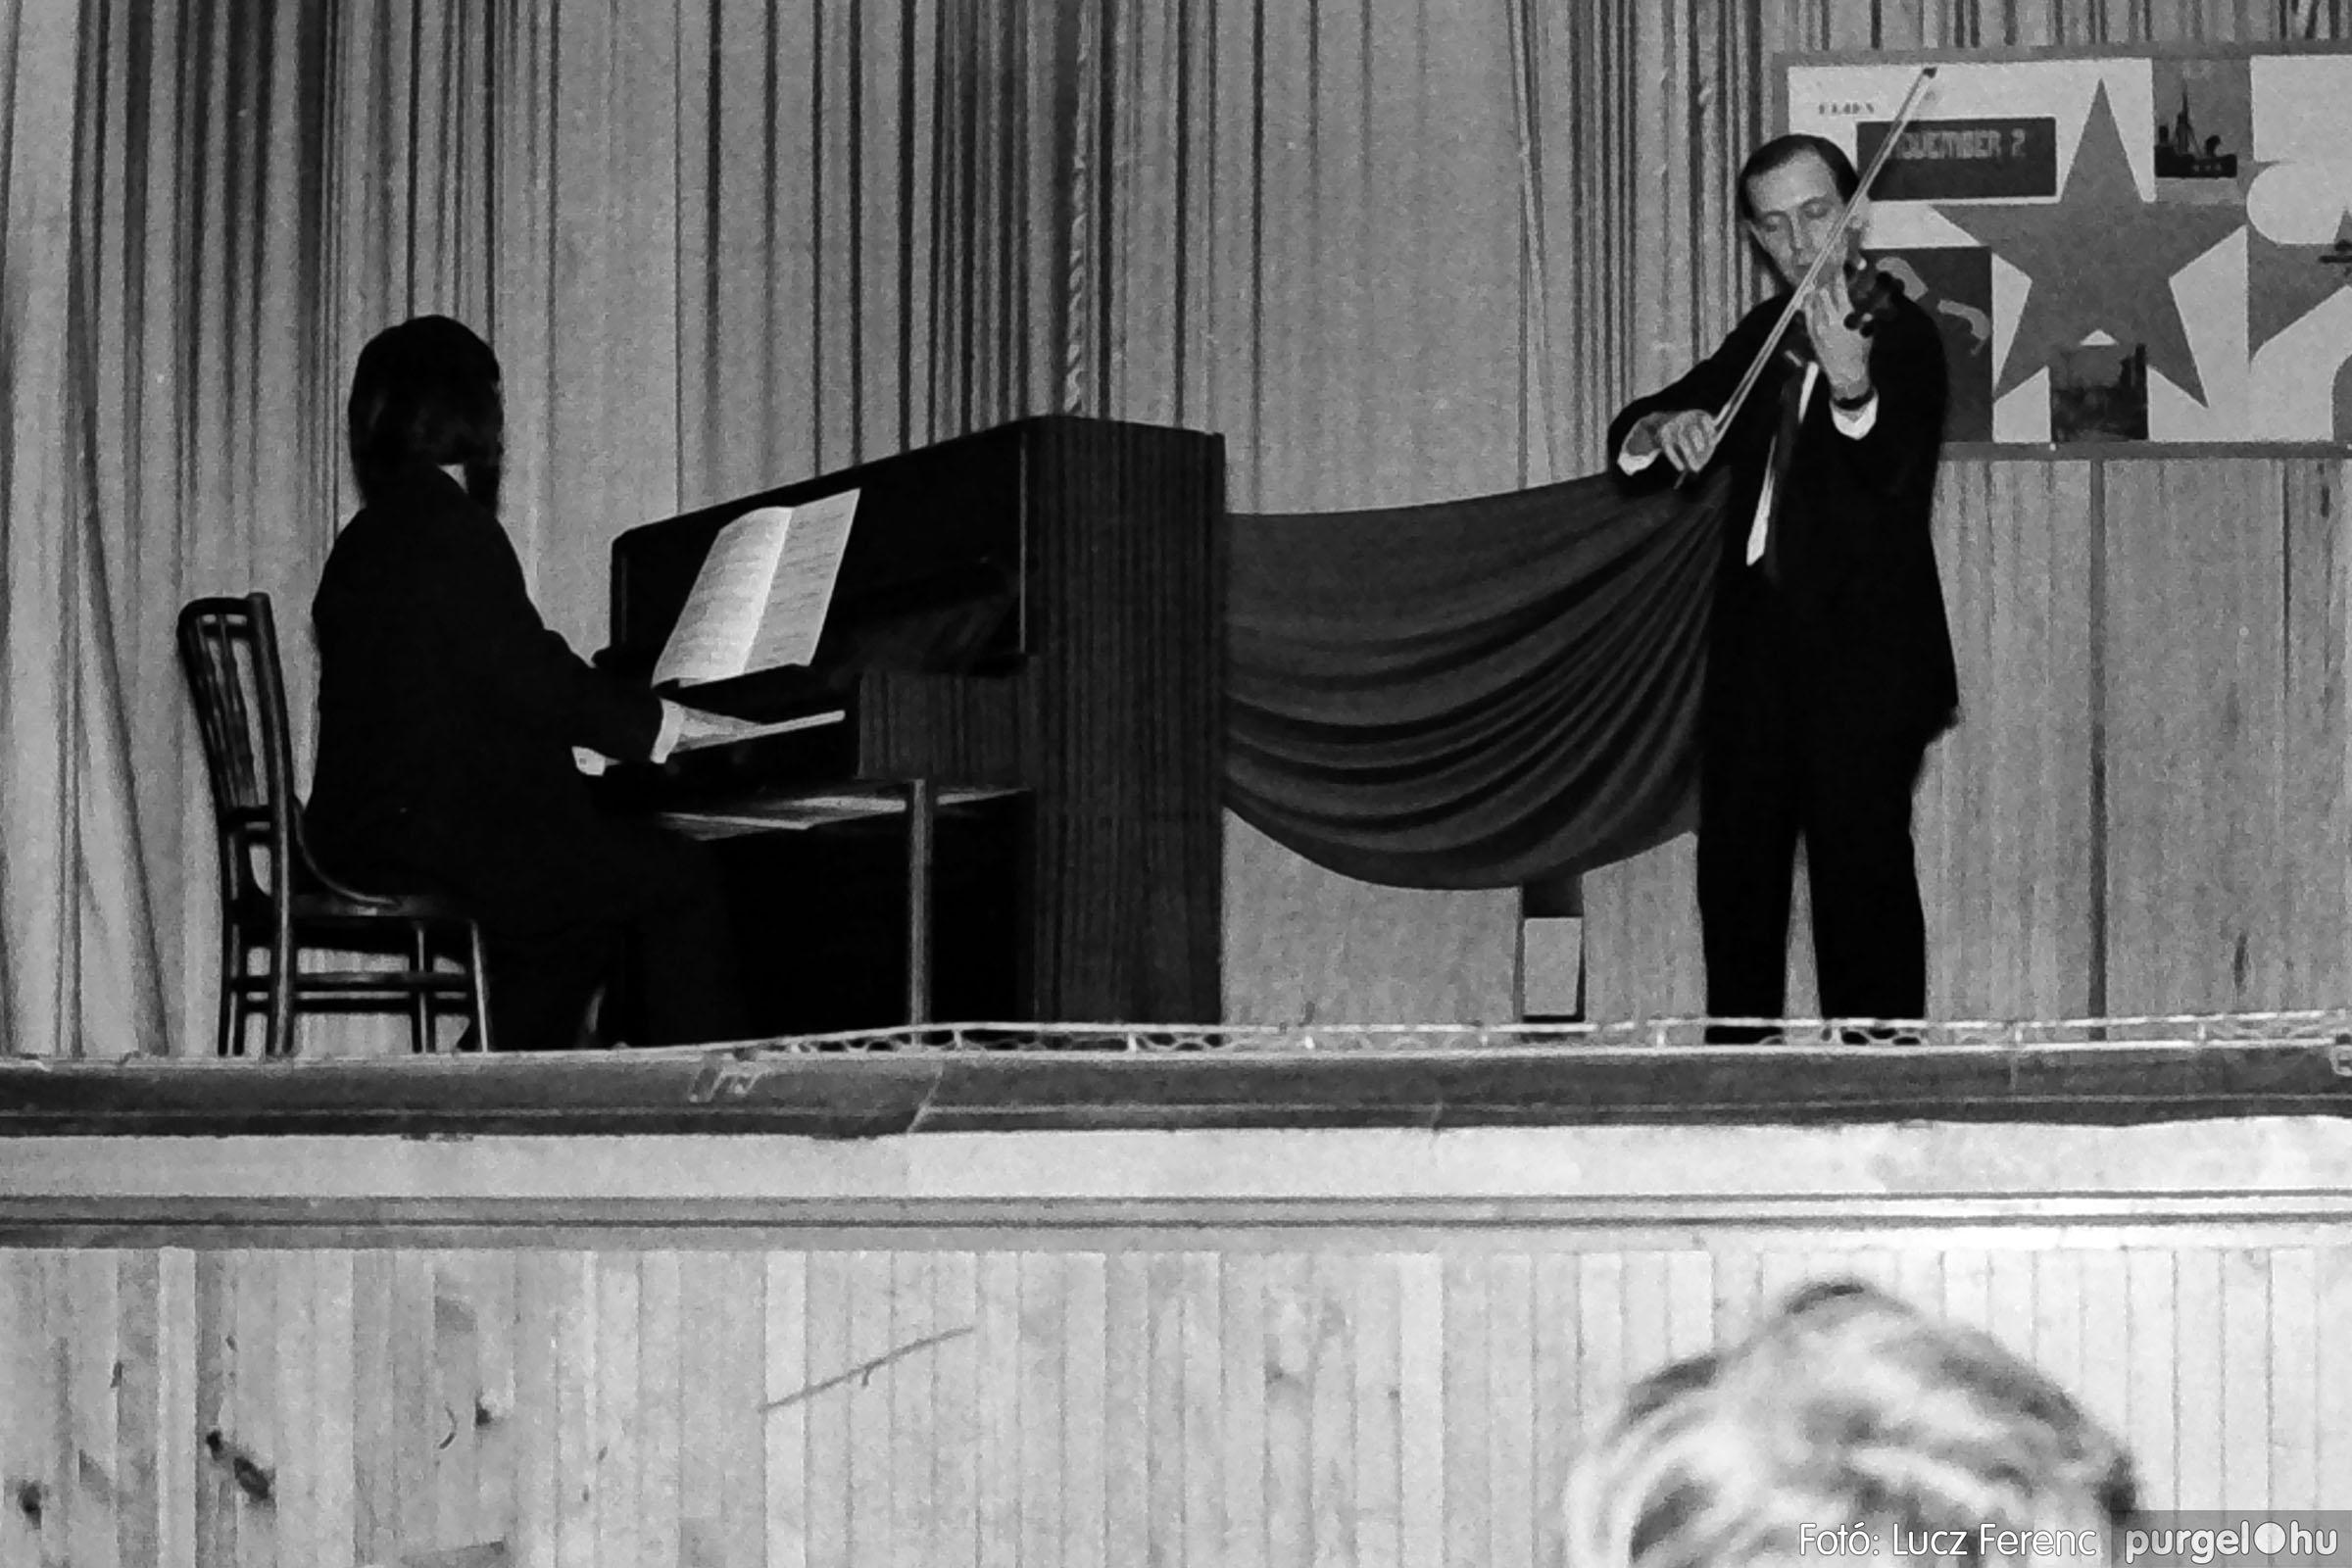 004C 1970-es évek - Zenés est 004 - Fotó: Lucz Ferenc IMG00076q.jpg